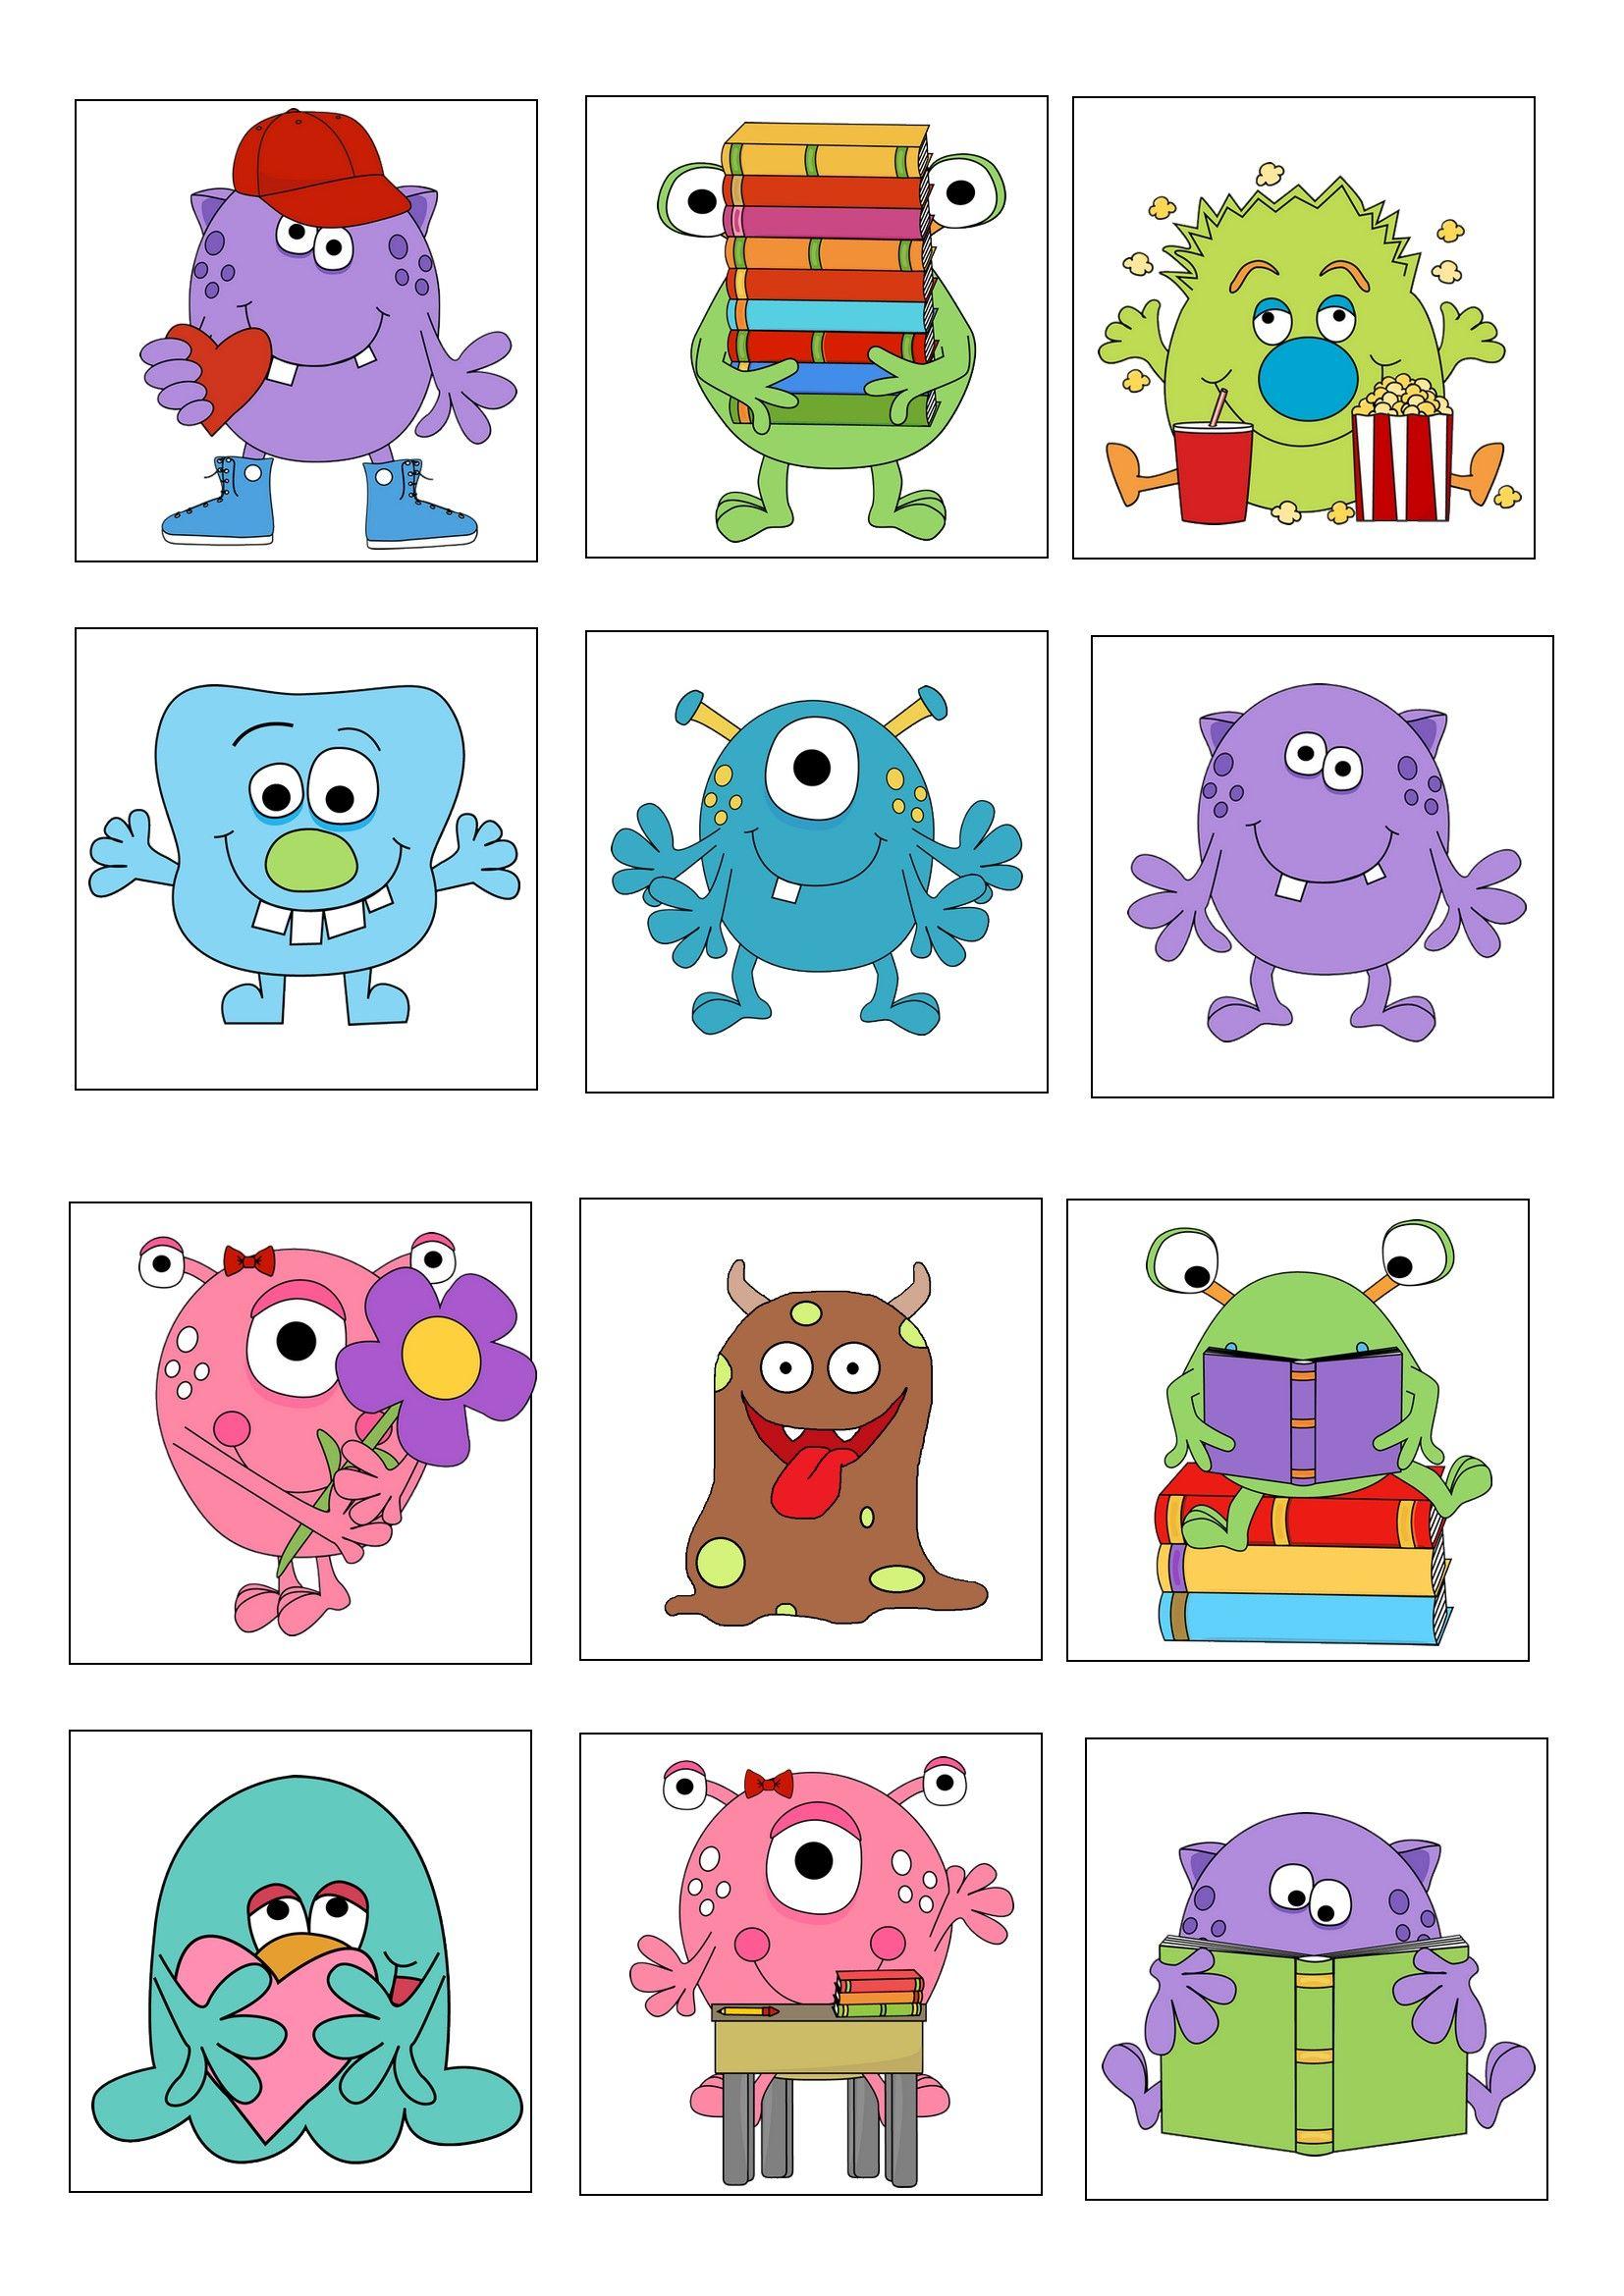 Loto des monstres planche 2 usage personnel uniquement - Images de monstres rigolos ...